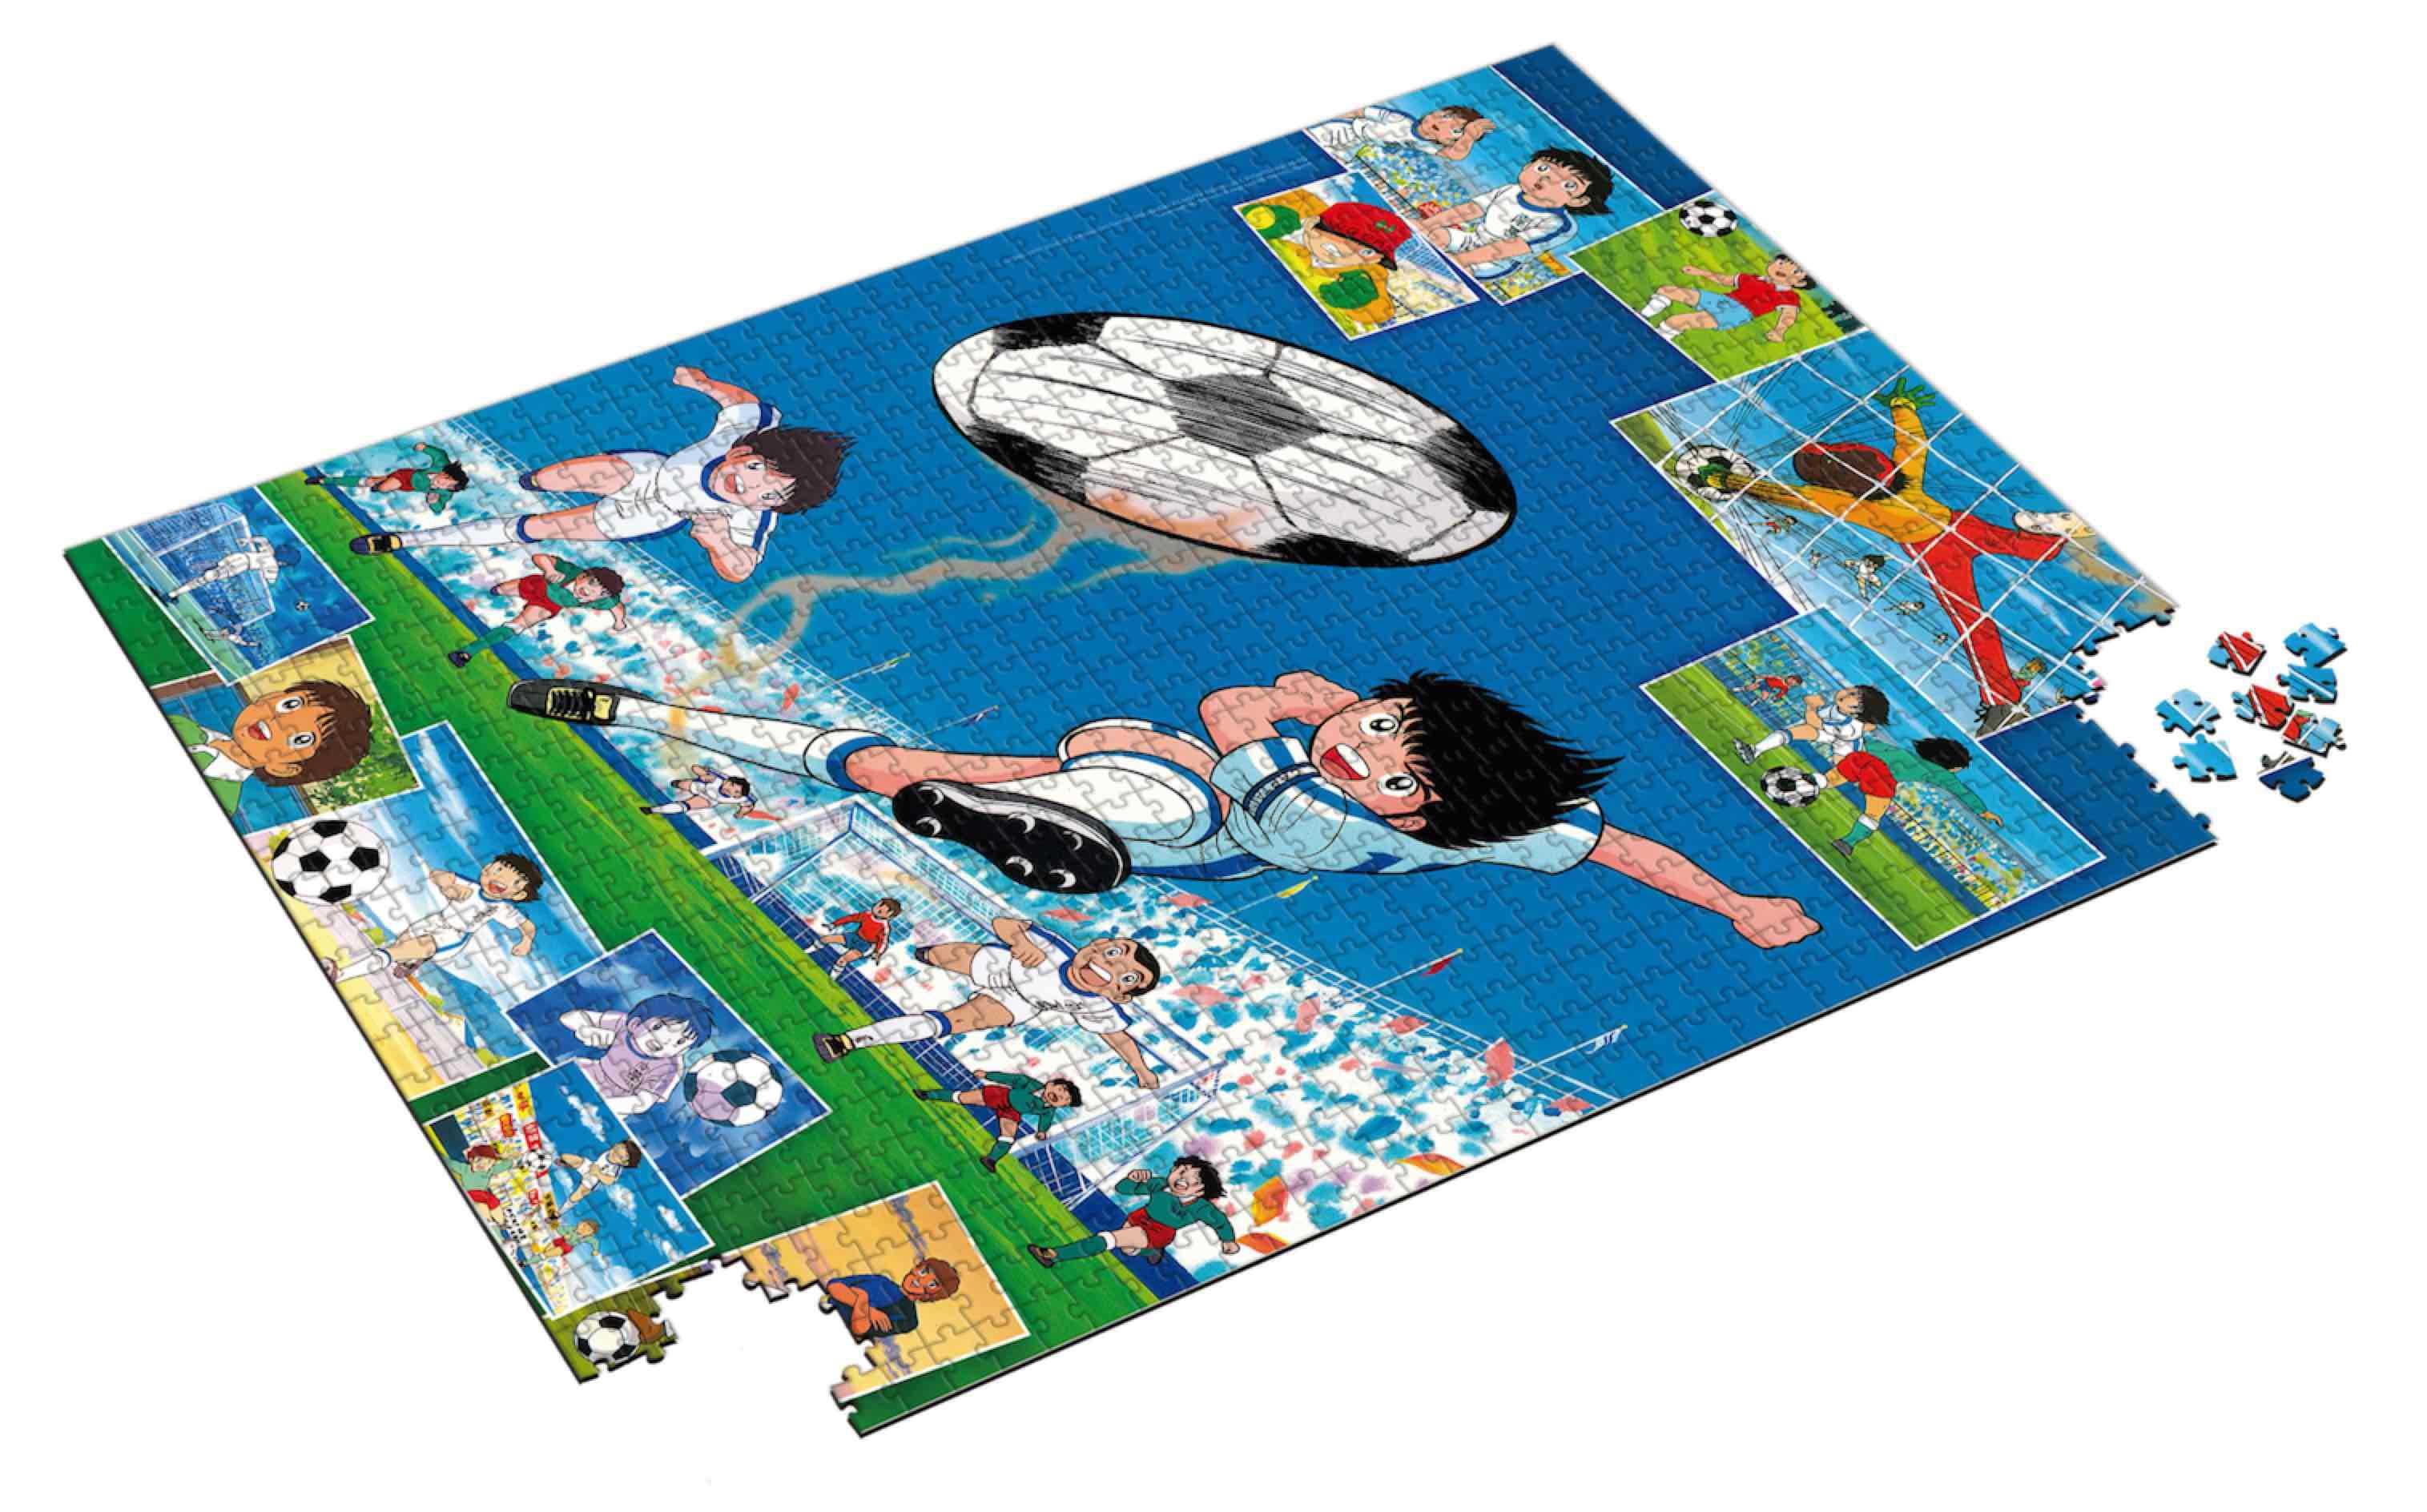 Puzzle SDToys Campeones Oliver y Benji de 1000 Piezas